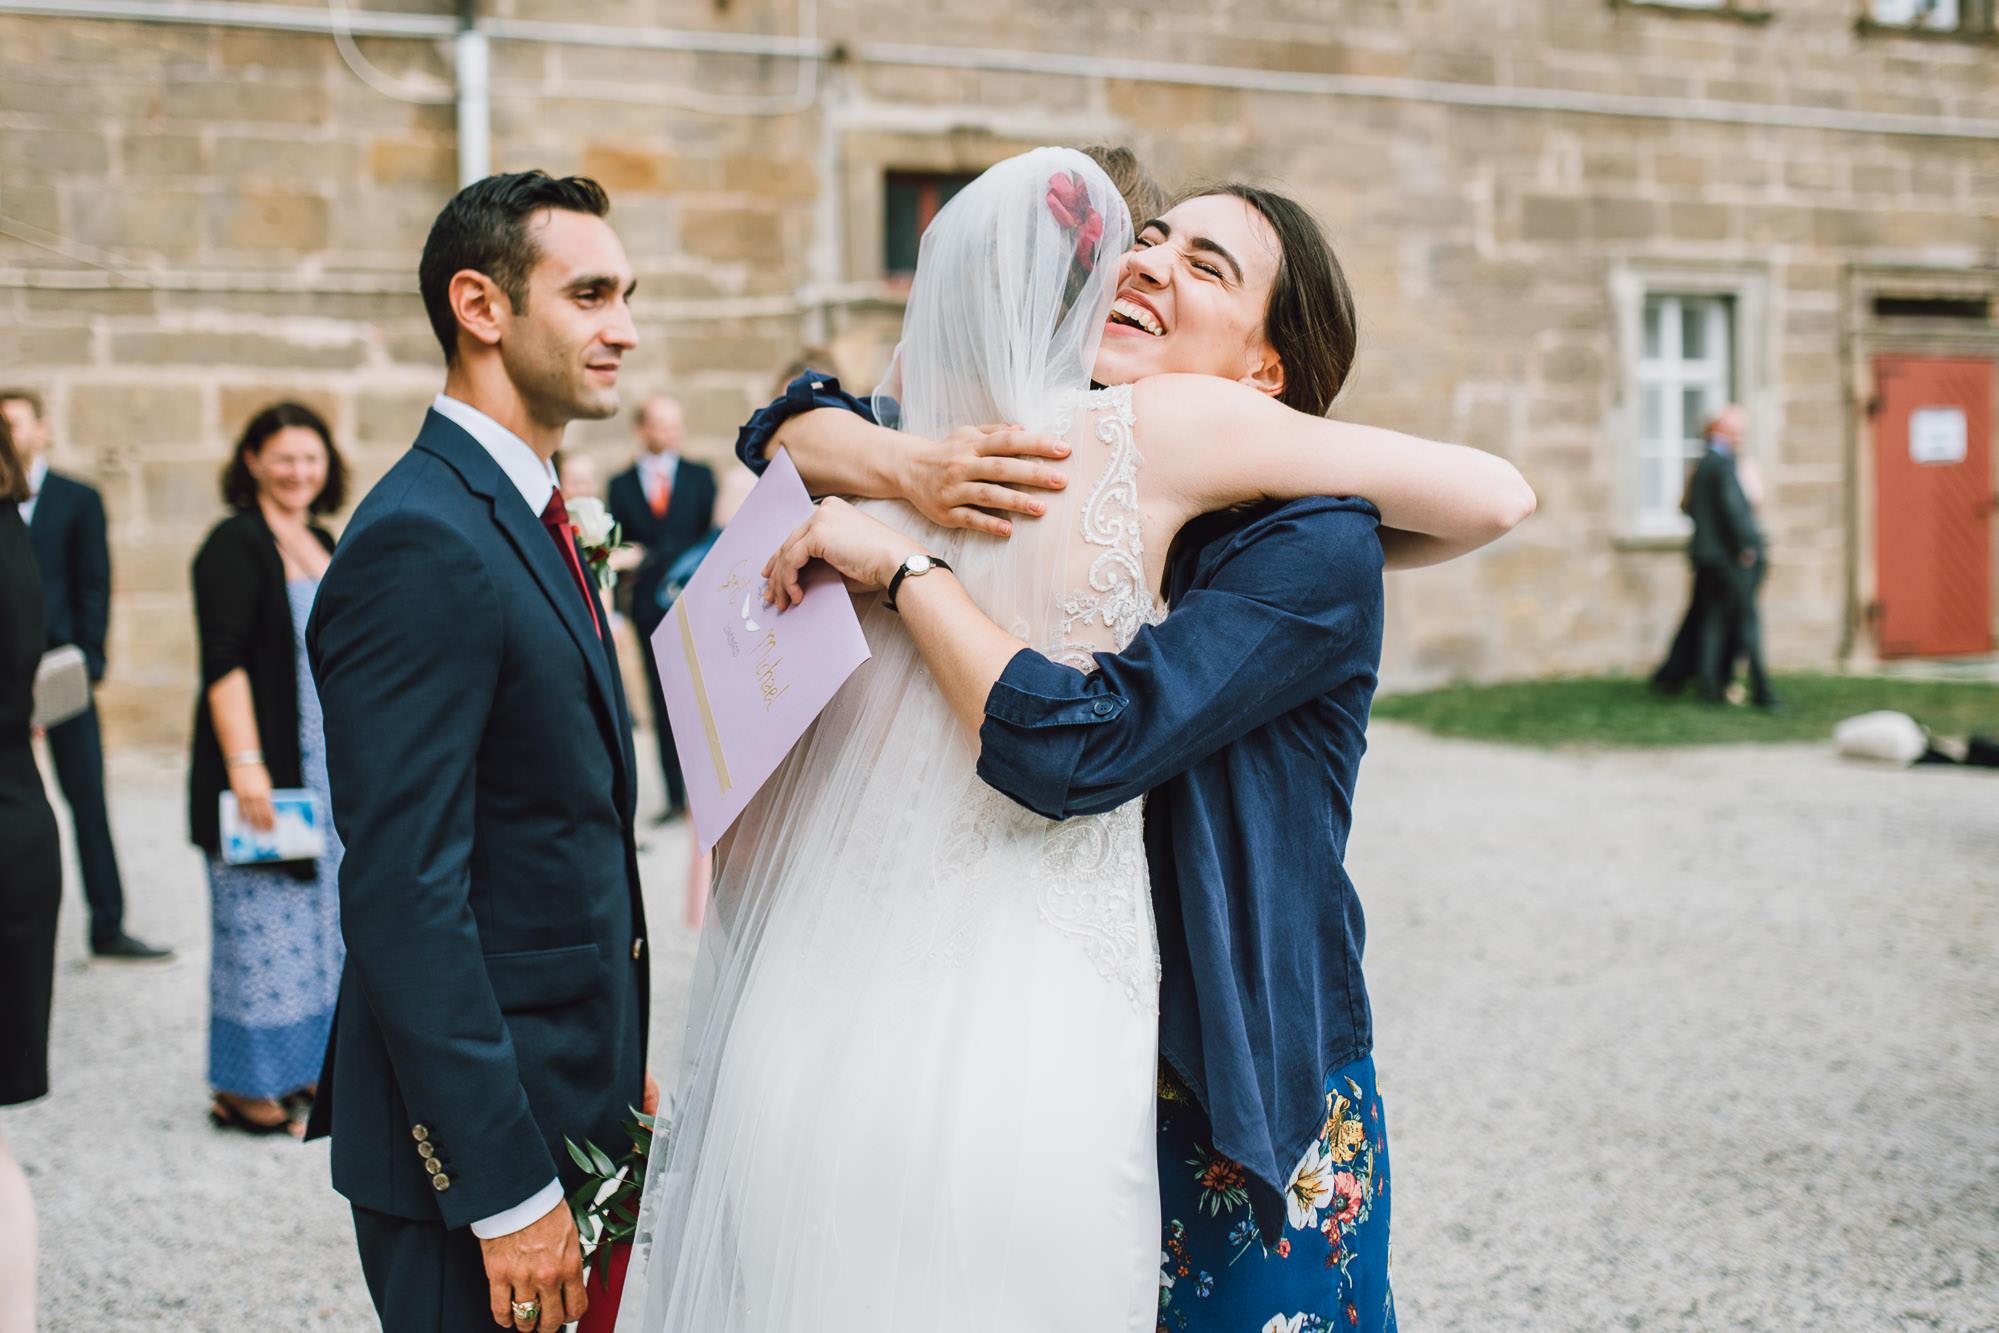 rustic-elegant-wedding-schloss-hochzeit-eyrichshof-franken-bamberg-080